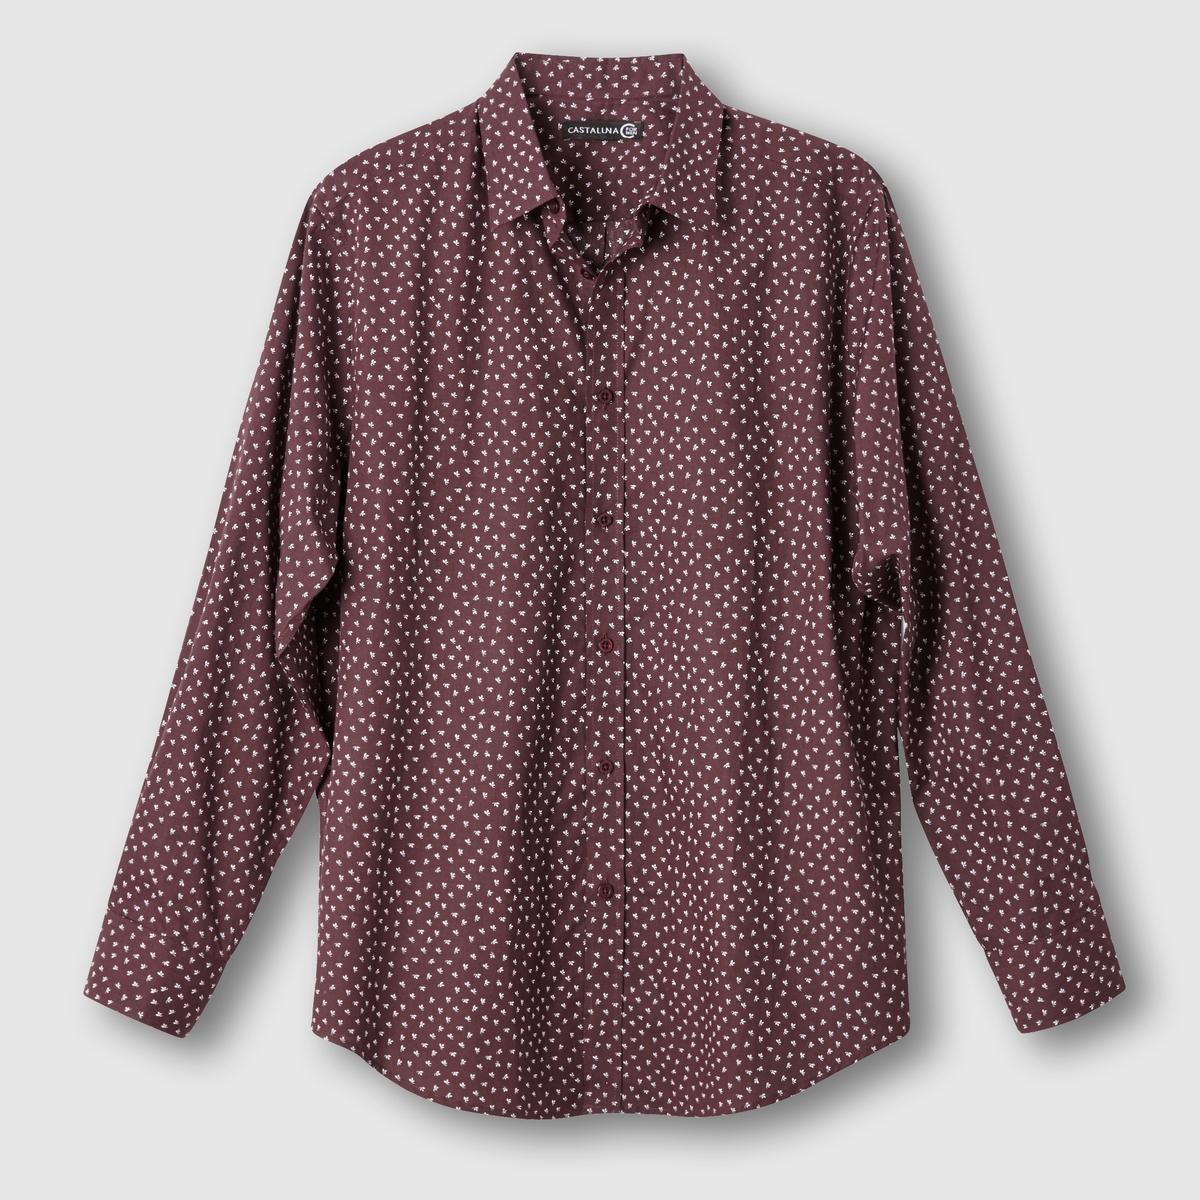 Рубашка с цветочным принтомРубашка с цветочным принтом. Длинные рукава. Воротник со свободными уголками. Складка сзади и петля для вешалки. Закругленный низ. Поплин, 100% хлопка. Длина 83 см.<br><br>Цвет: бордовый<br>Размер: 51/52